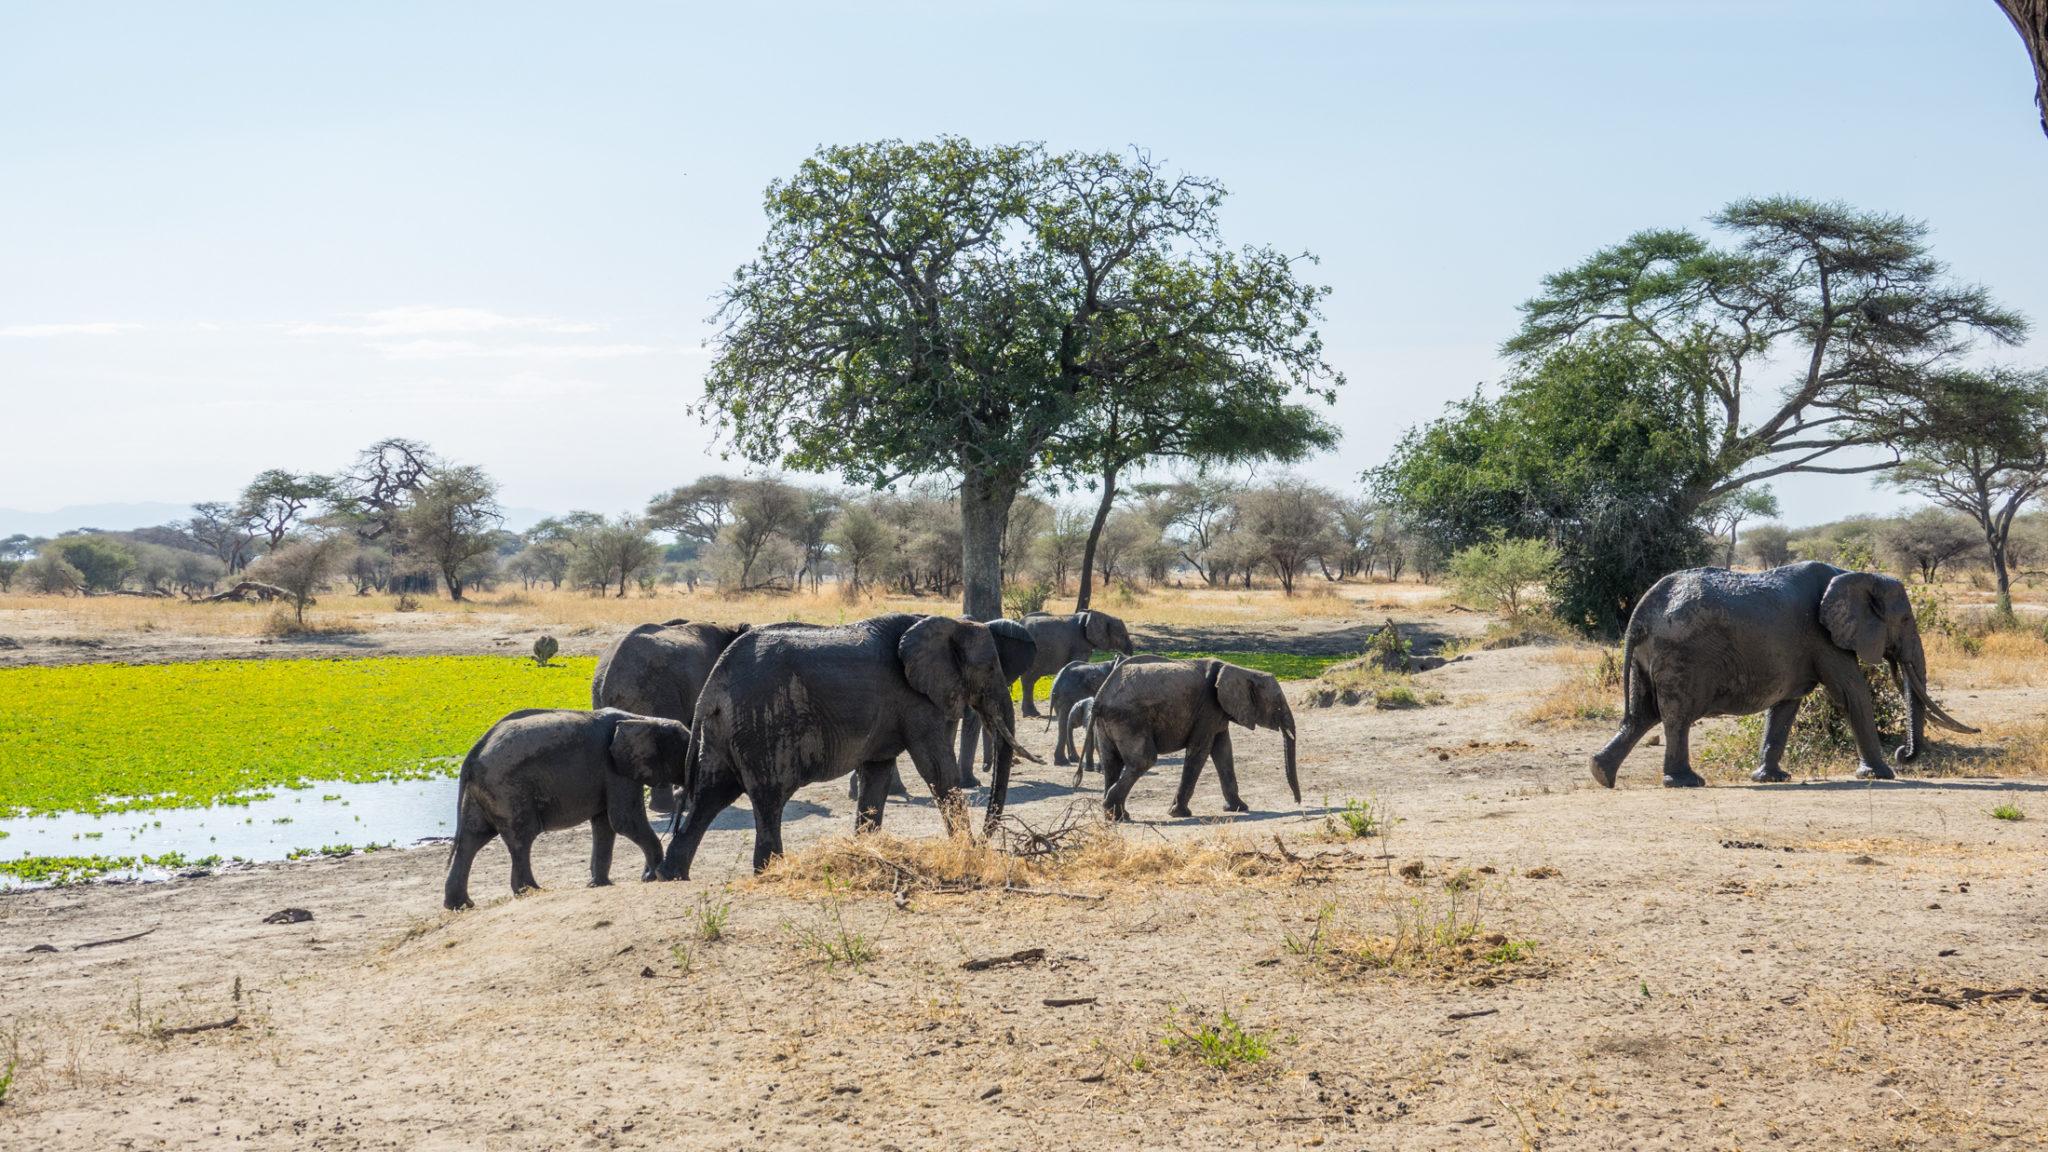 Erste Elefantensichtung am Wasserloch auf der Safari. Tarangire Nationalpark, Tansania